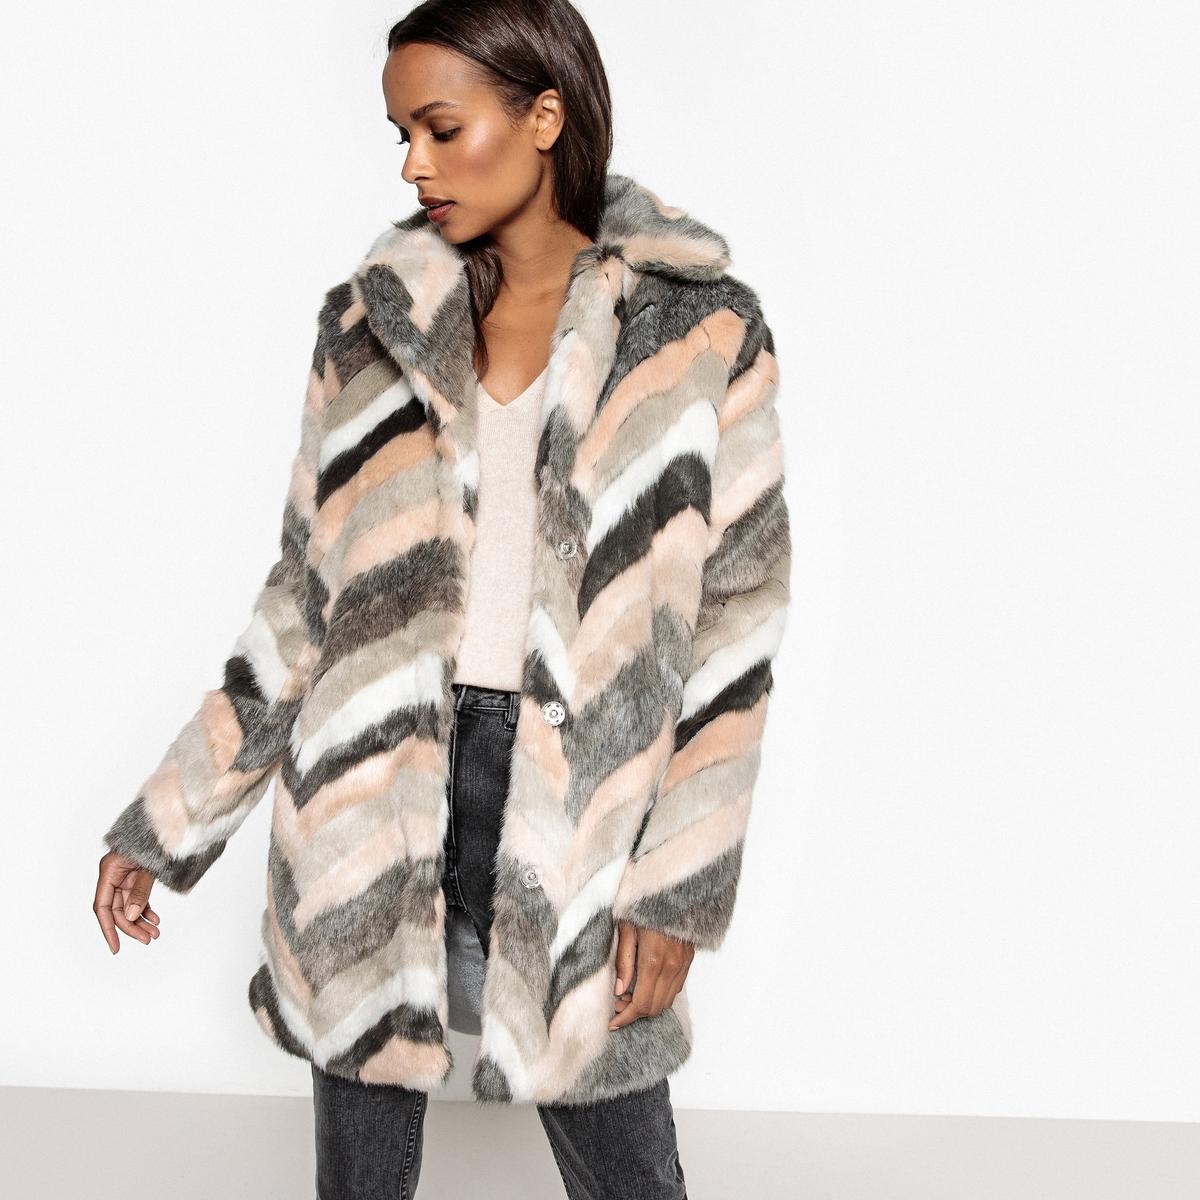 Пальто из искусственного мехаОригинальное и модное пальто с искусственным мехом - уникальная модель ! Красивый прямой покрой и яркая расцветка  . Пальто в винтажном стиле !Детали •  Длина : средняя •  Шалевый воротник •  Рисунок-принт •  Застежка на кнопкиСостав и уход •  100% полиэстер •  Подкладка : 100% полиэстер • Не стирать •  Деликатная чистка/без отбеливателей •  Не использовать барабанную сушку   •  Низкая температура глажки •  Длина : 85 см<br><br>Цвет: розовый разноцветн.<br>Размер: 36 (FR) - 42 (RUS)